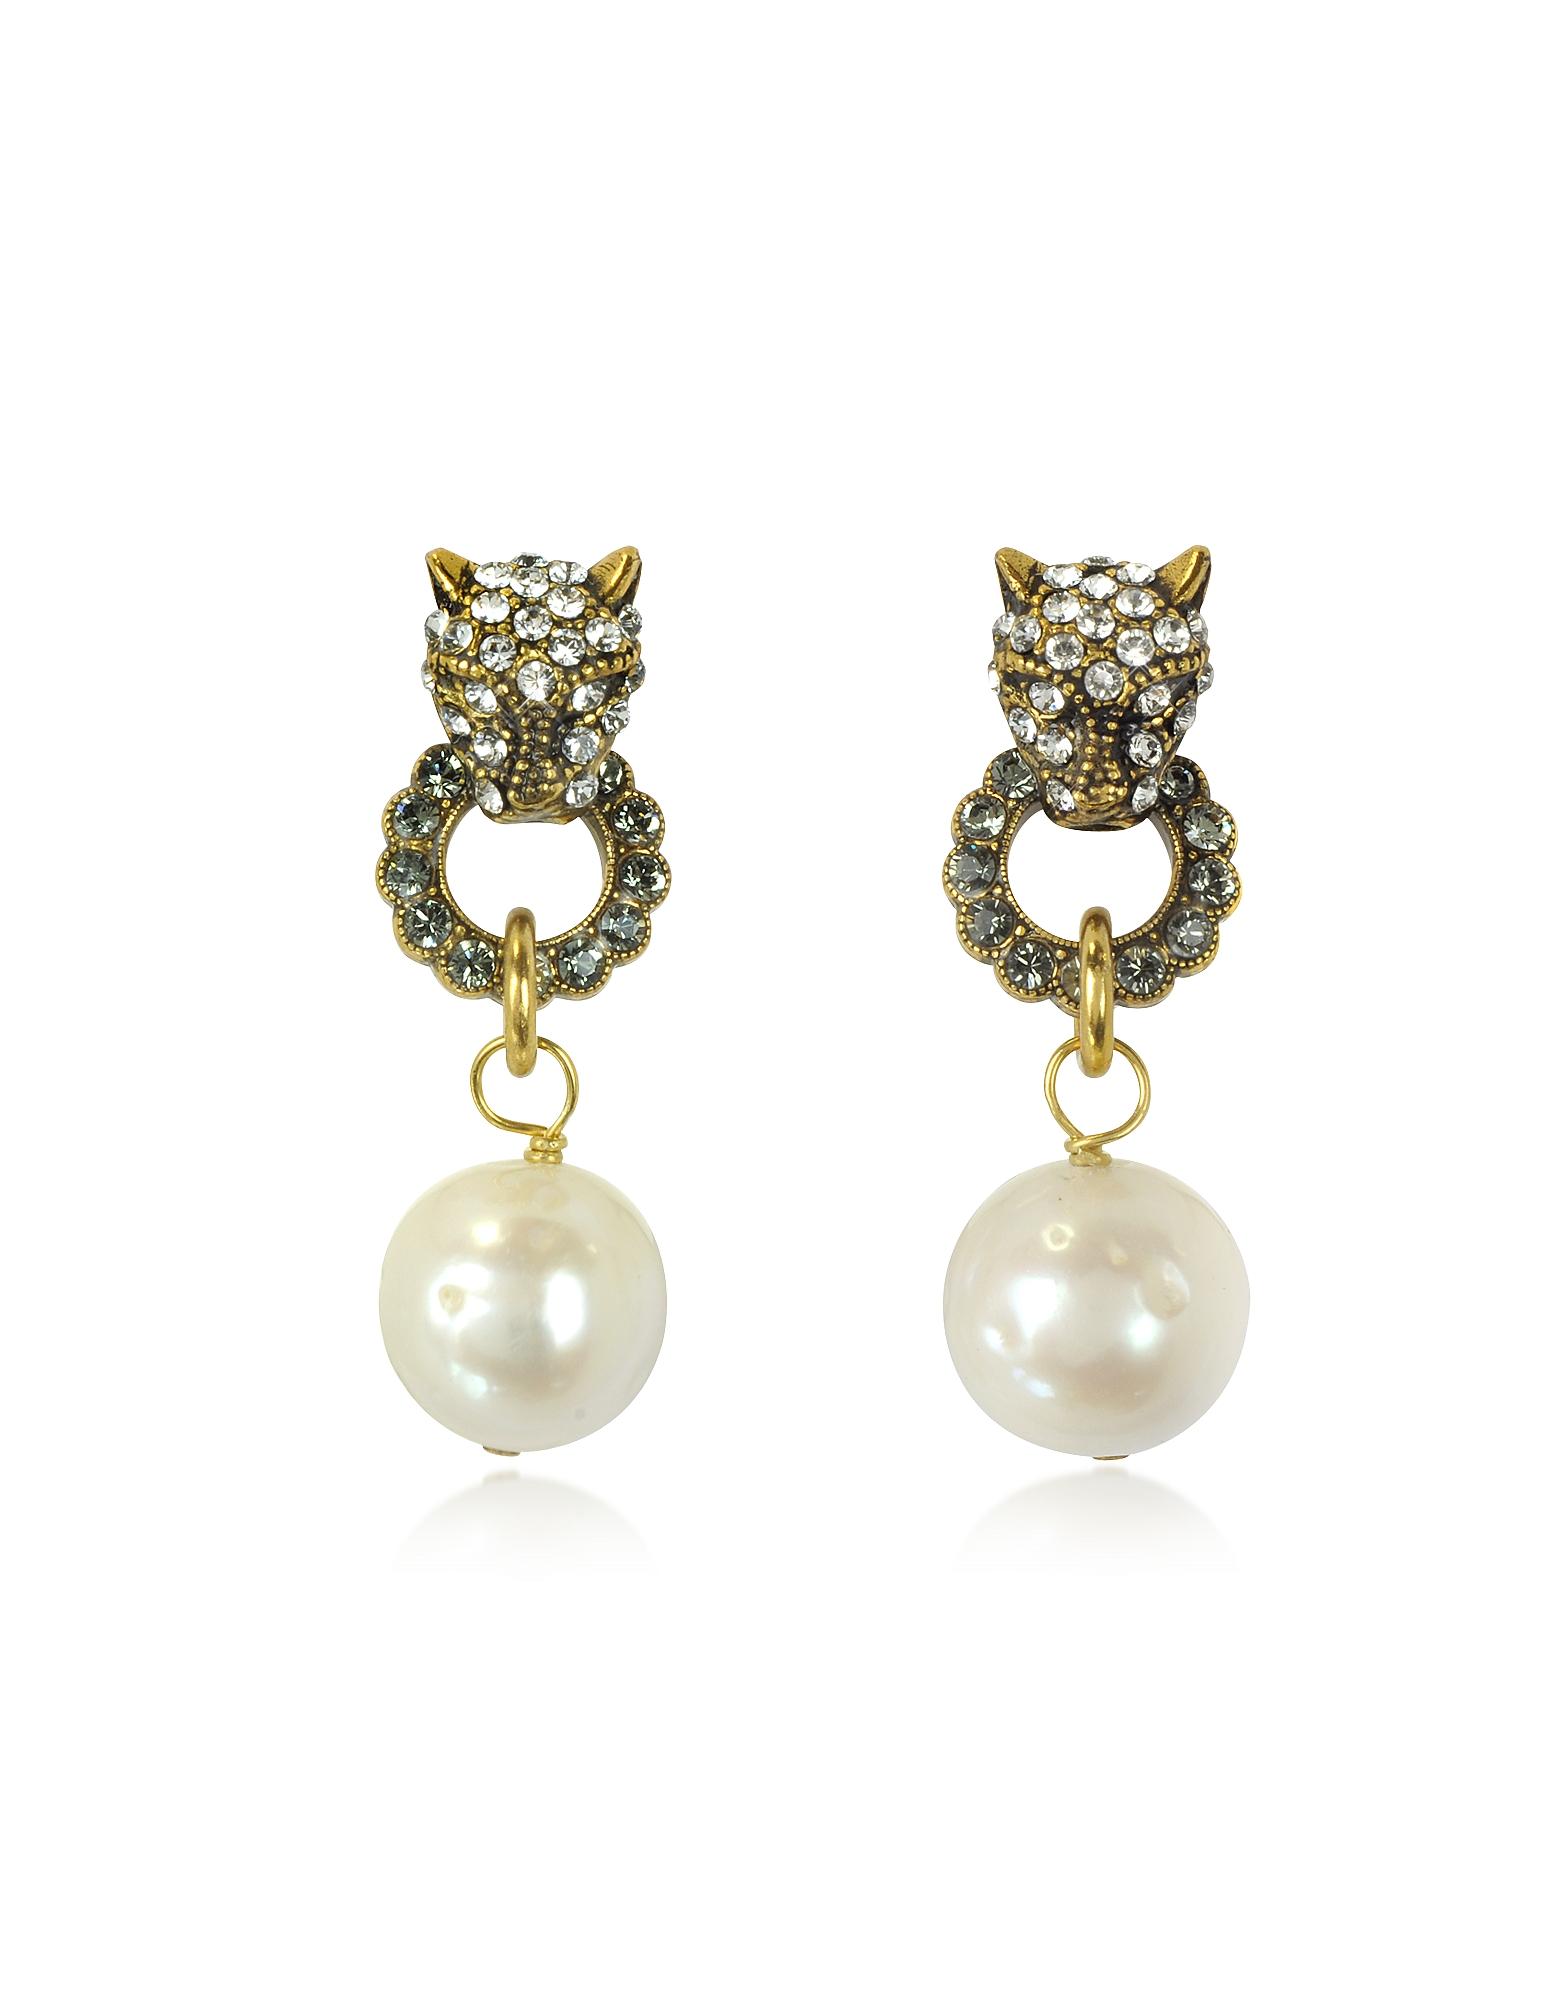 Alcozer & J Earrings, Small Panthers Goldtone Brass w/Glass Pearls Drop Earrings